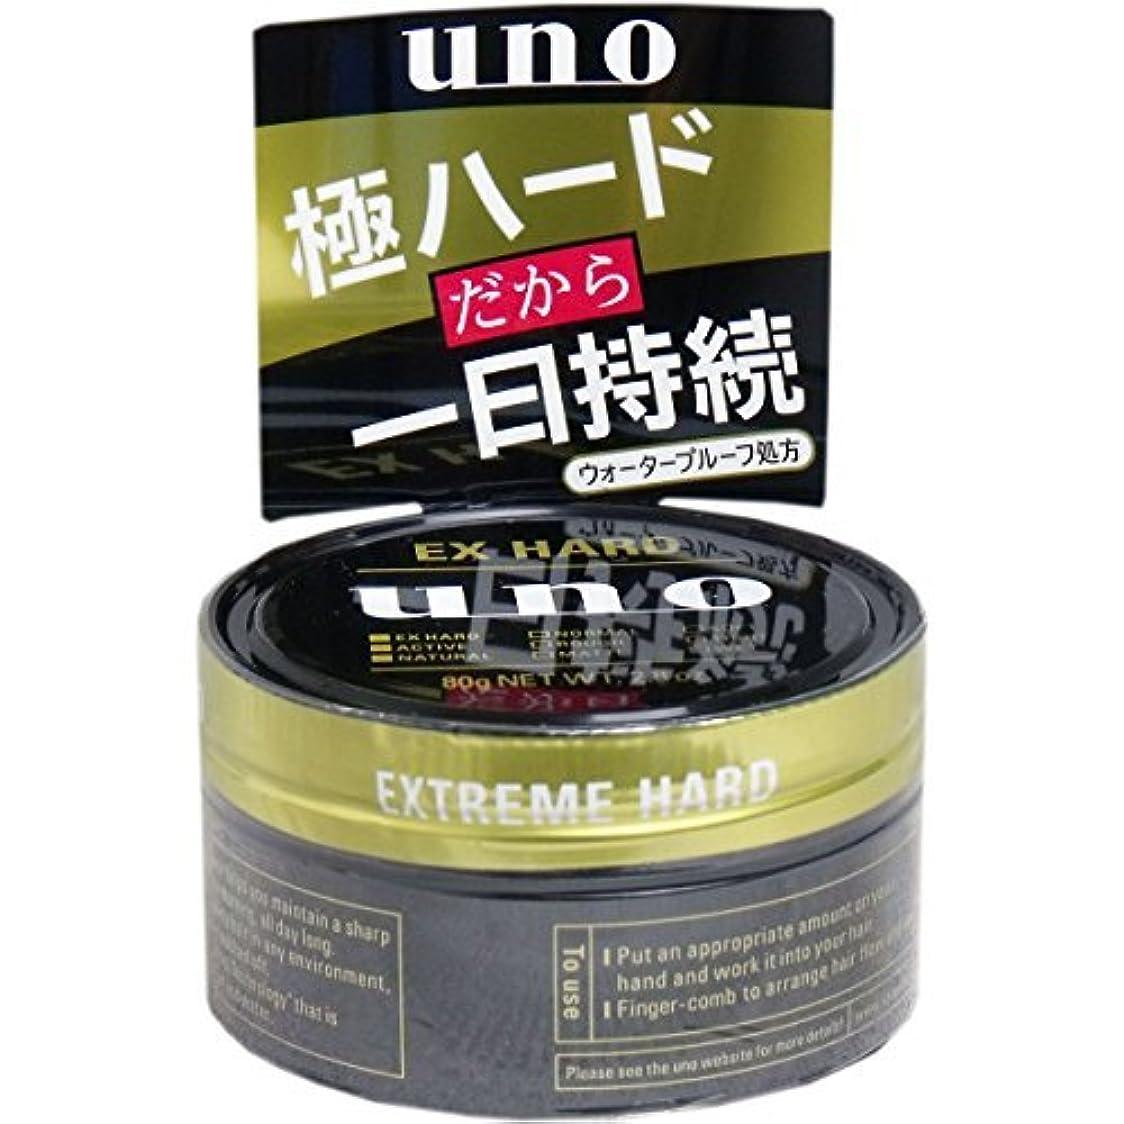 一部シーケンス生産的UNO(ウーノ) エクストリームハード 整髪料 80g